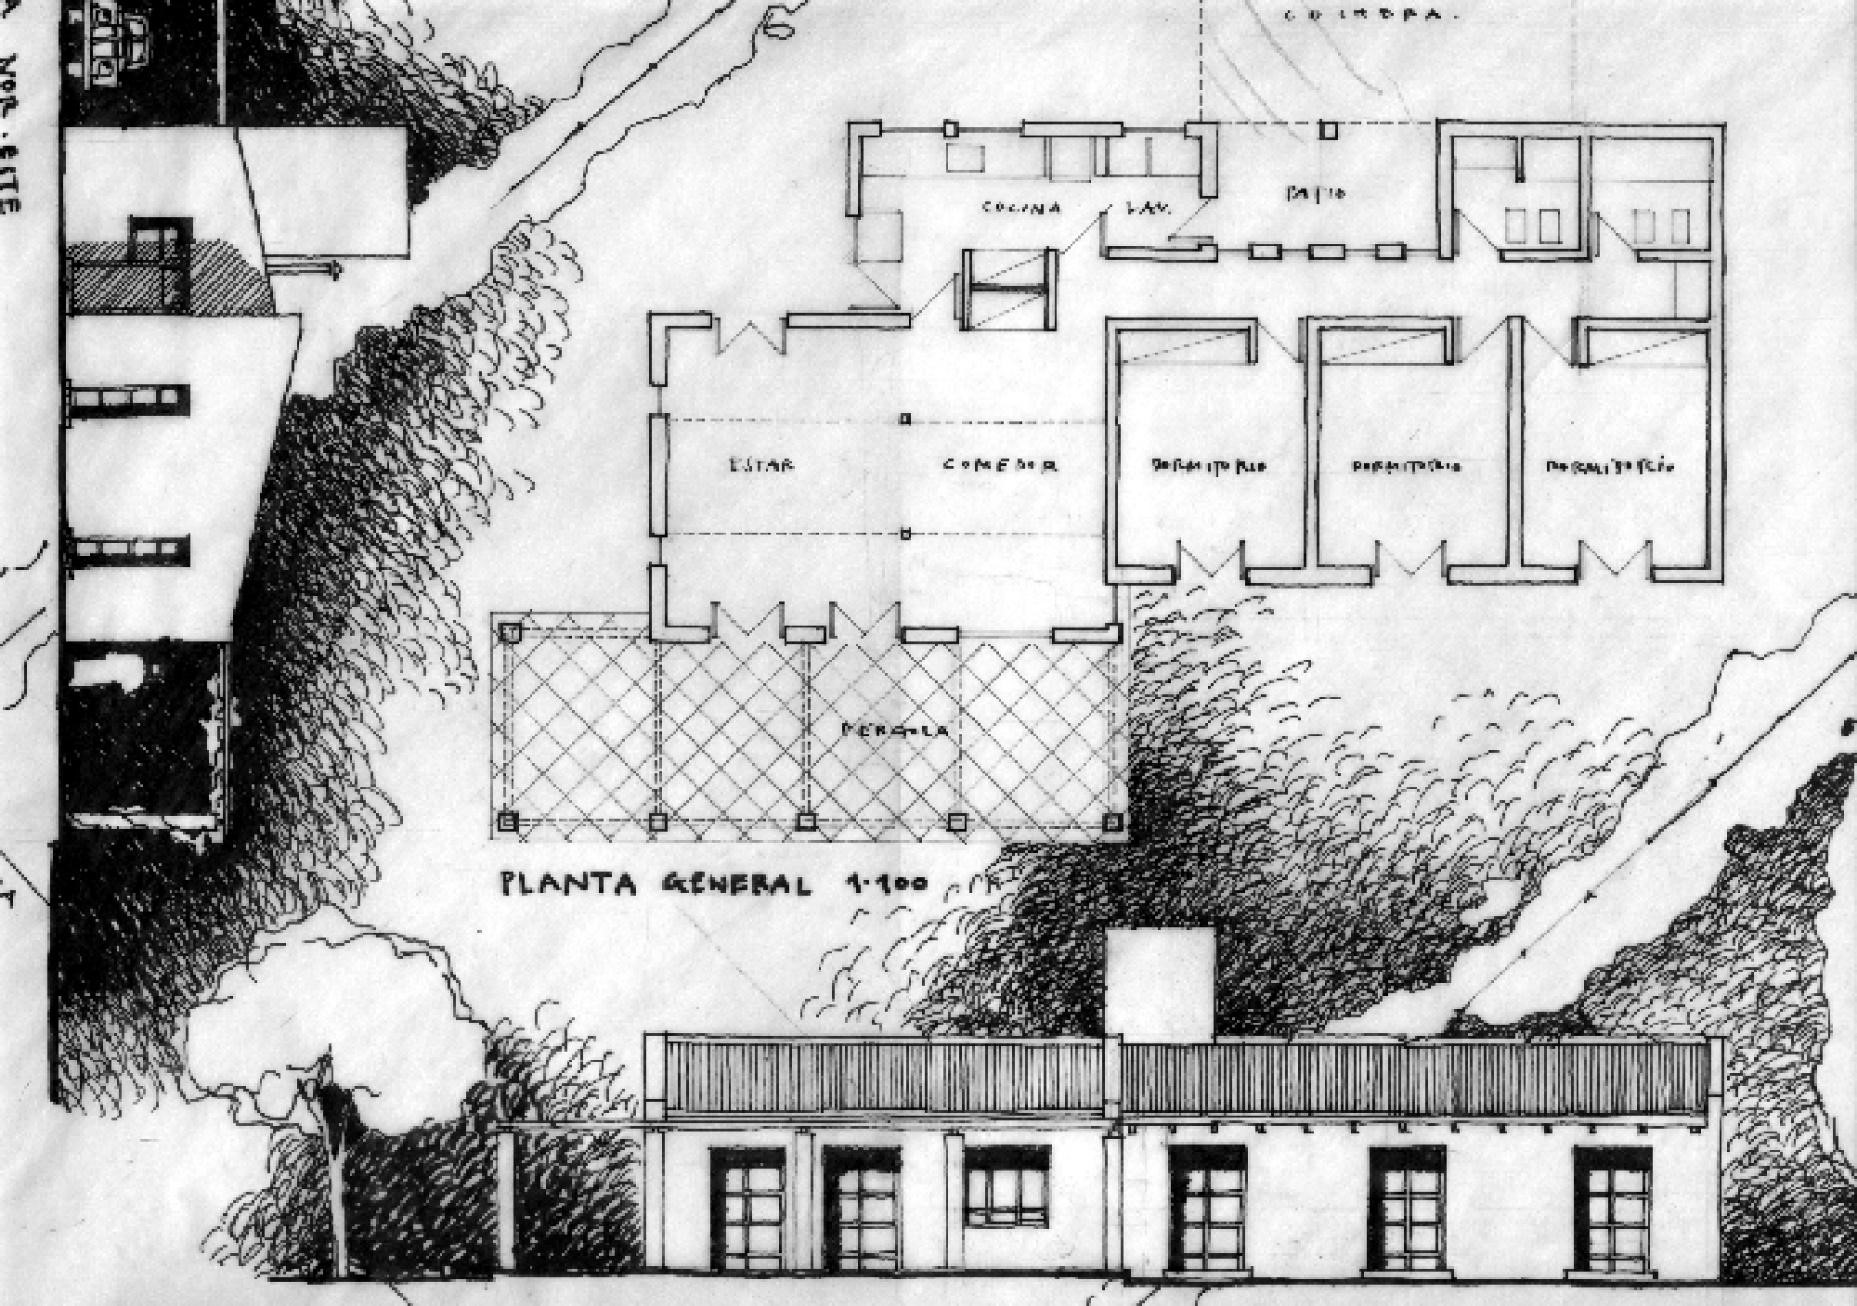 Relaciones posibles entre saberes del proyecto arquitectónico como práctica disciplinar